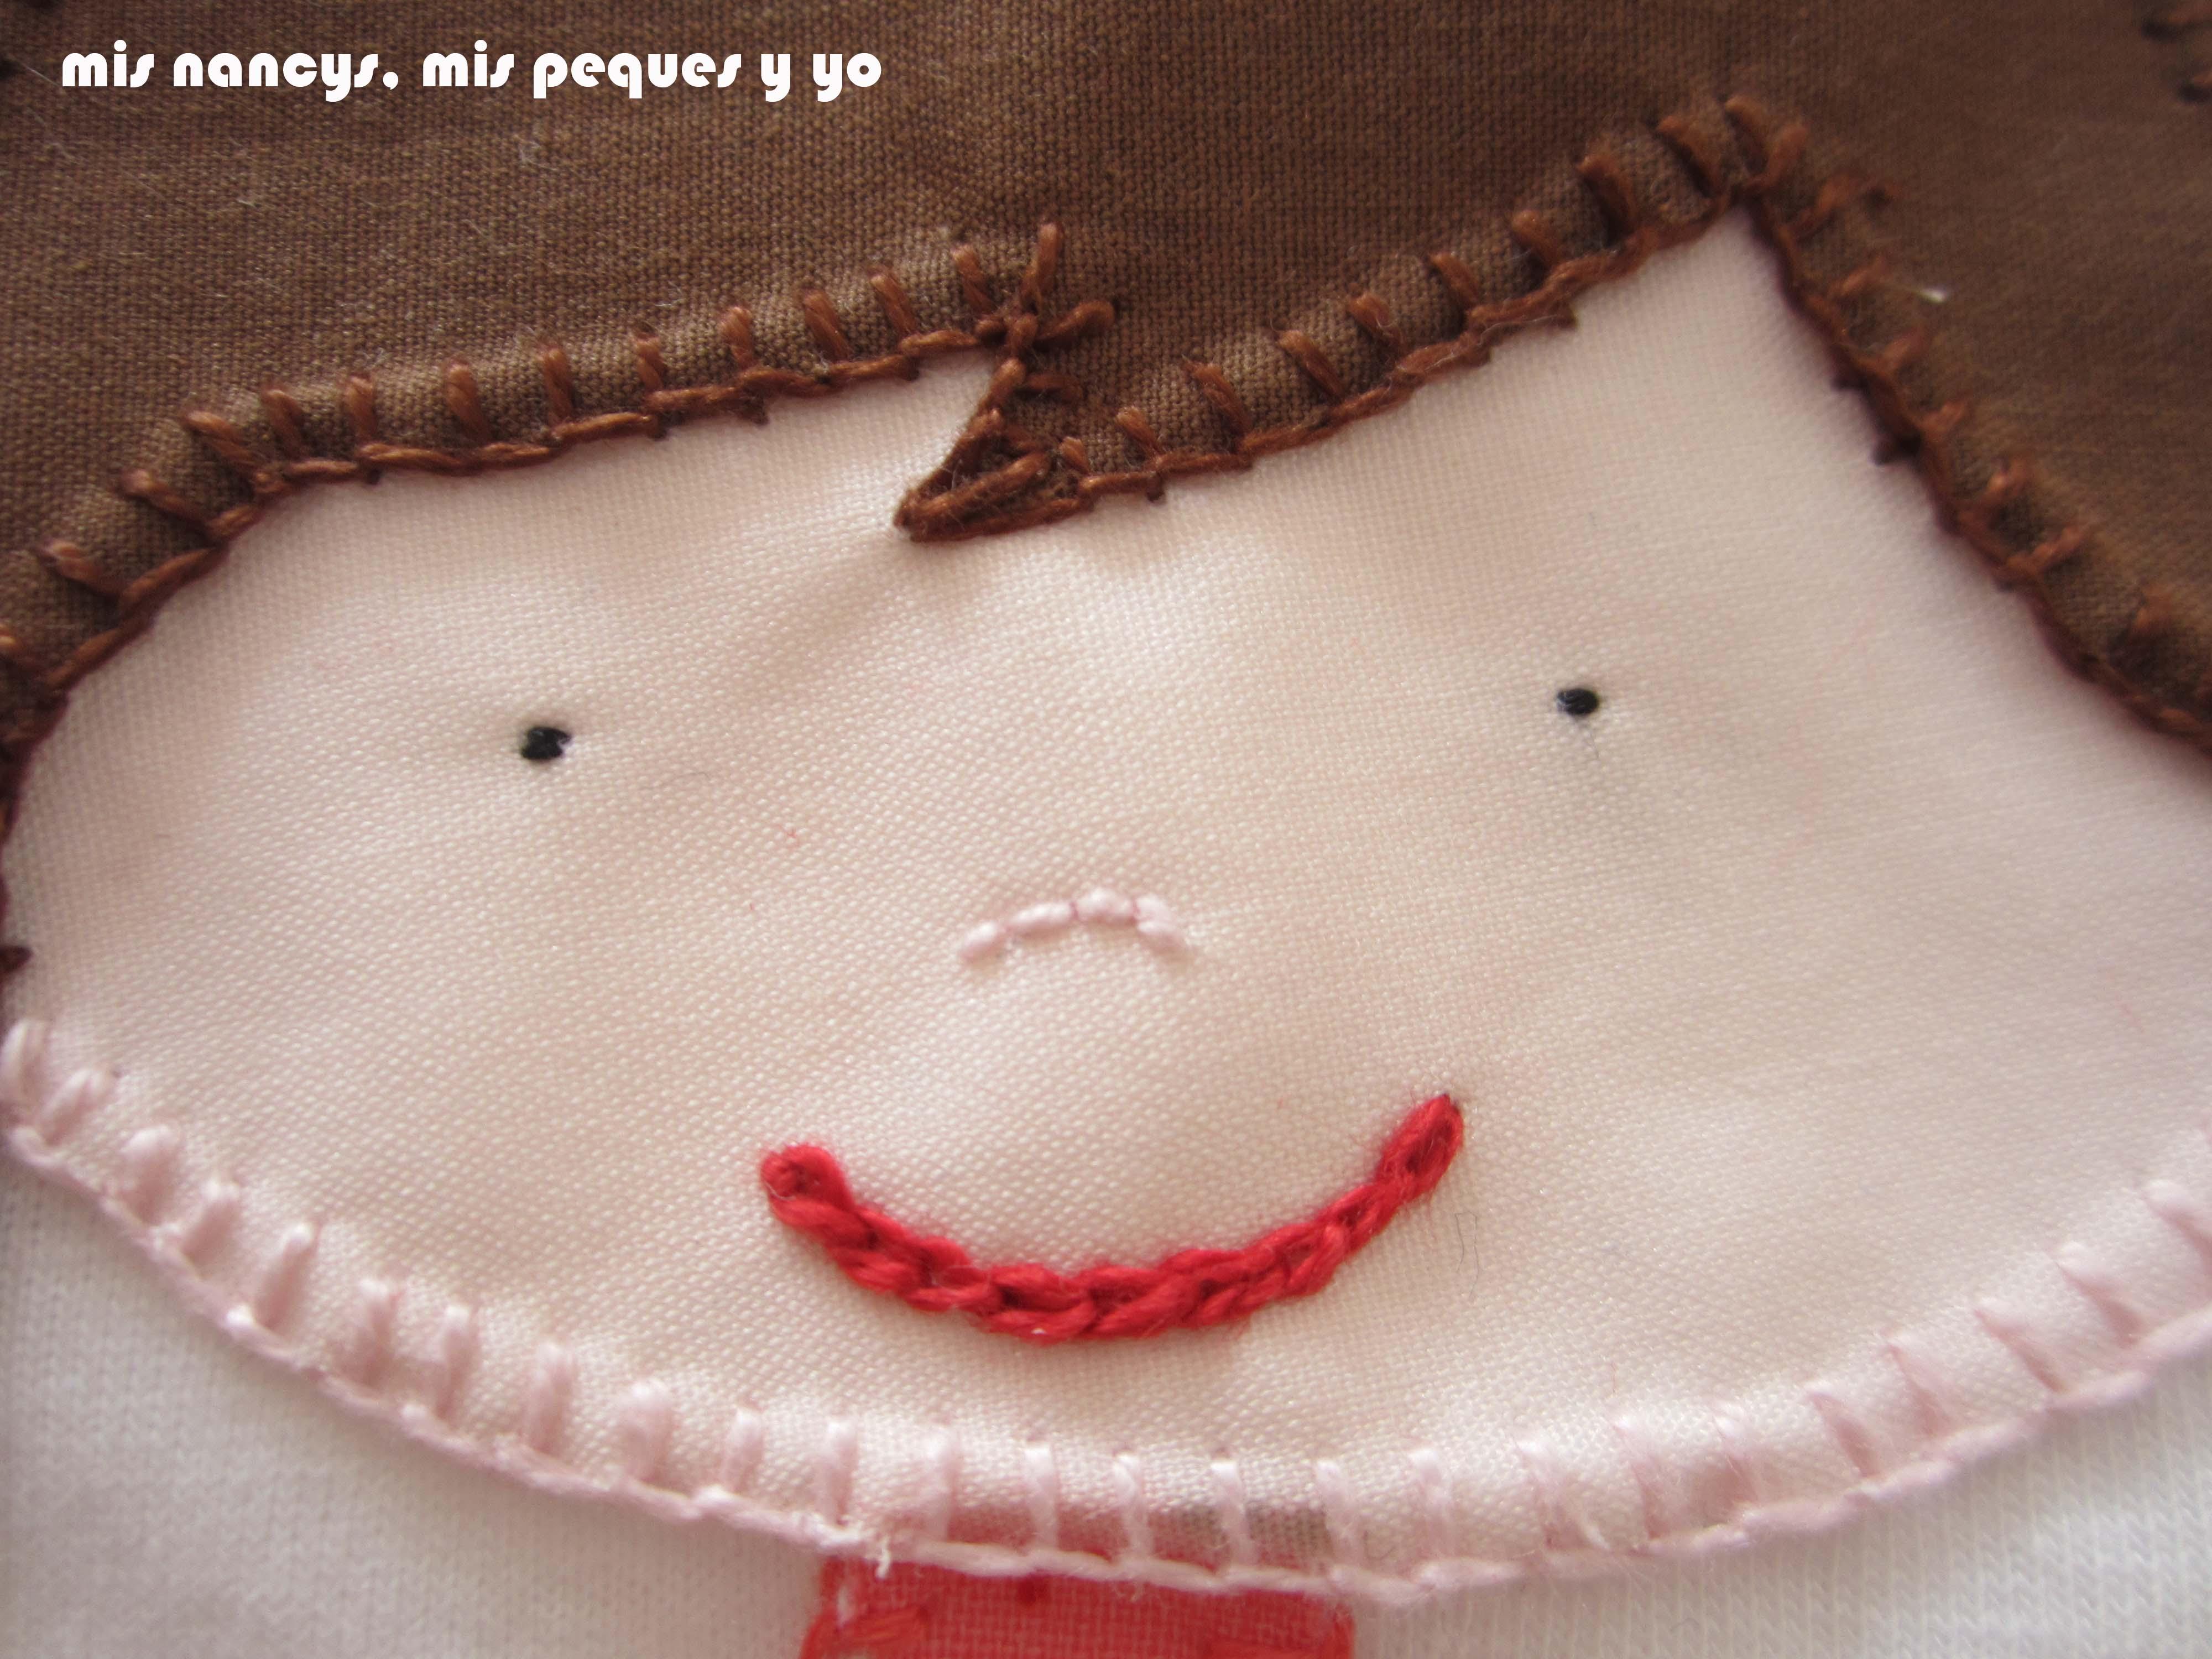 mis nancys, mis peques y yo, tutorial aplique en camiseta muñequita, bordamos la cara